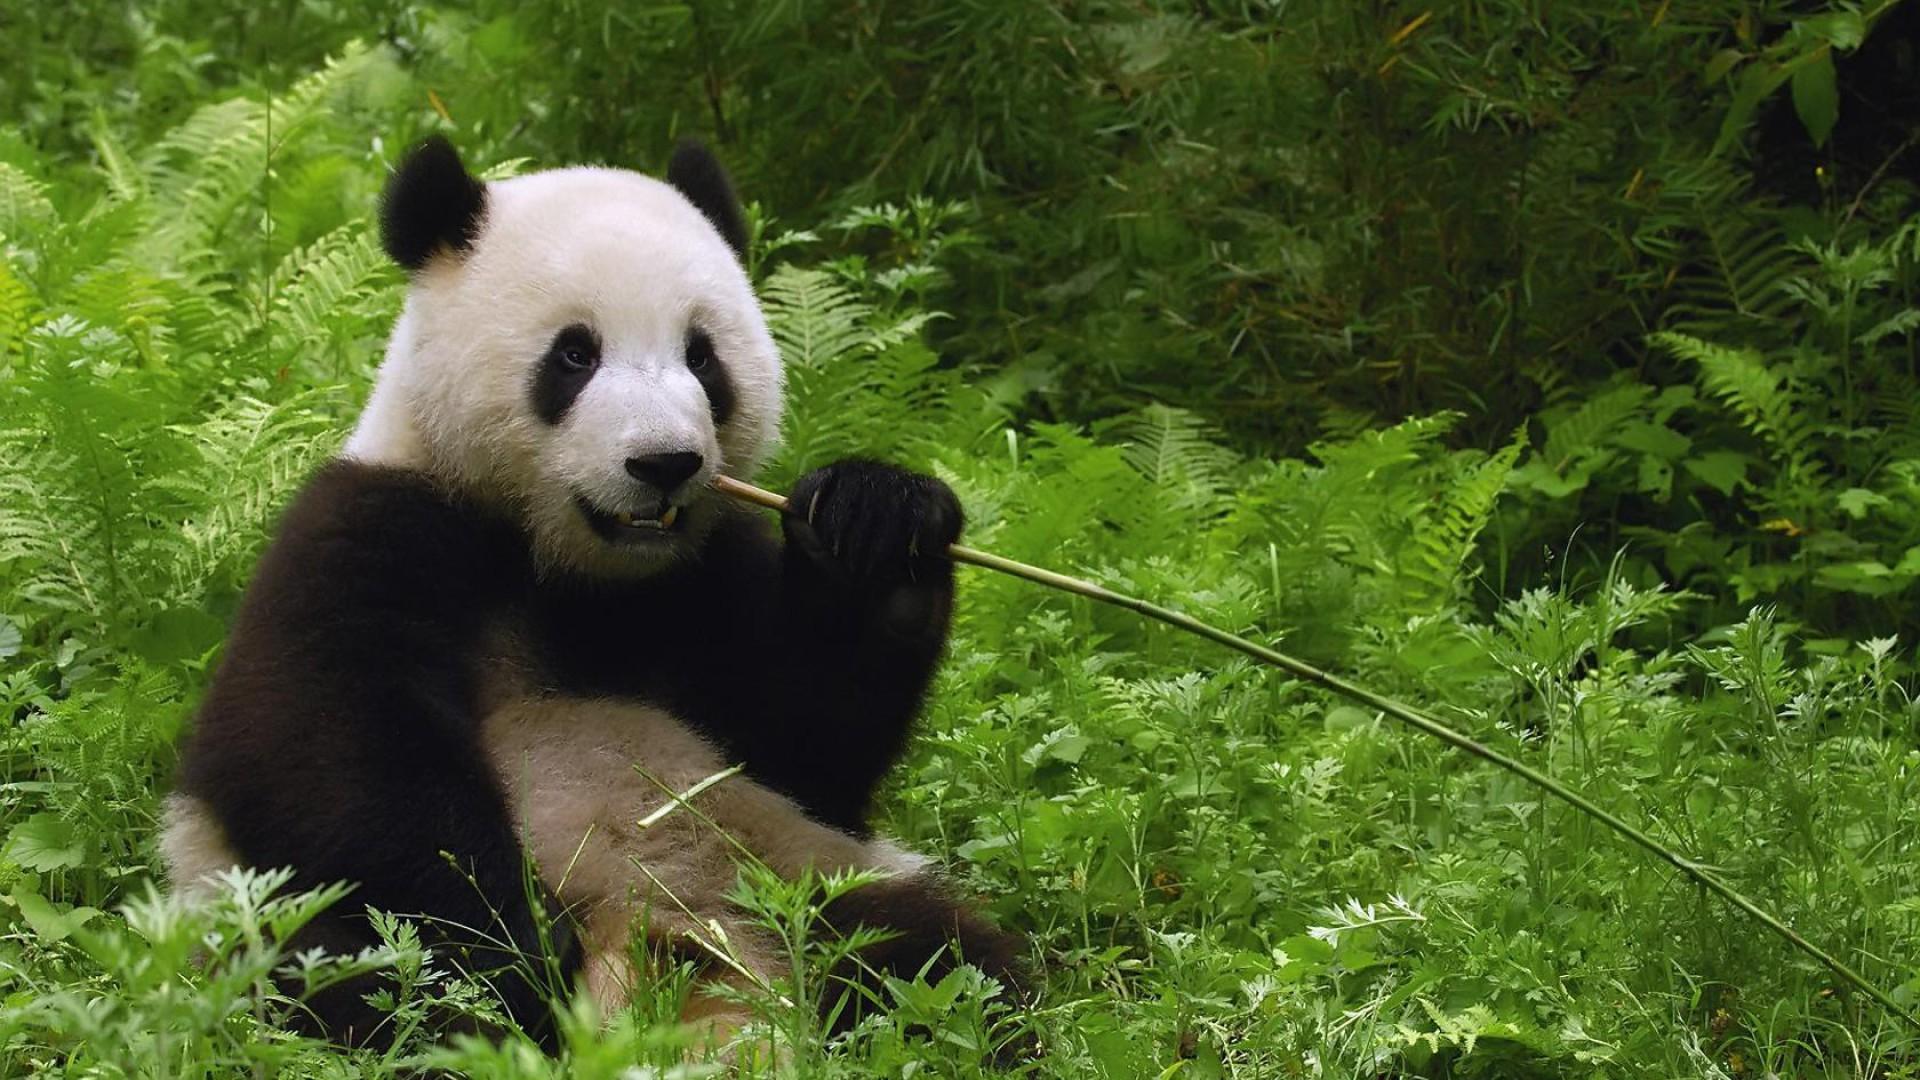 панда на рабочий стол телефона вас мае